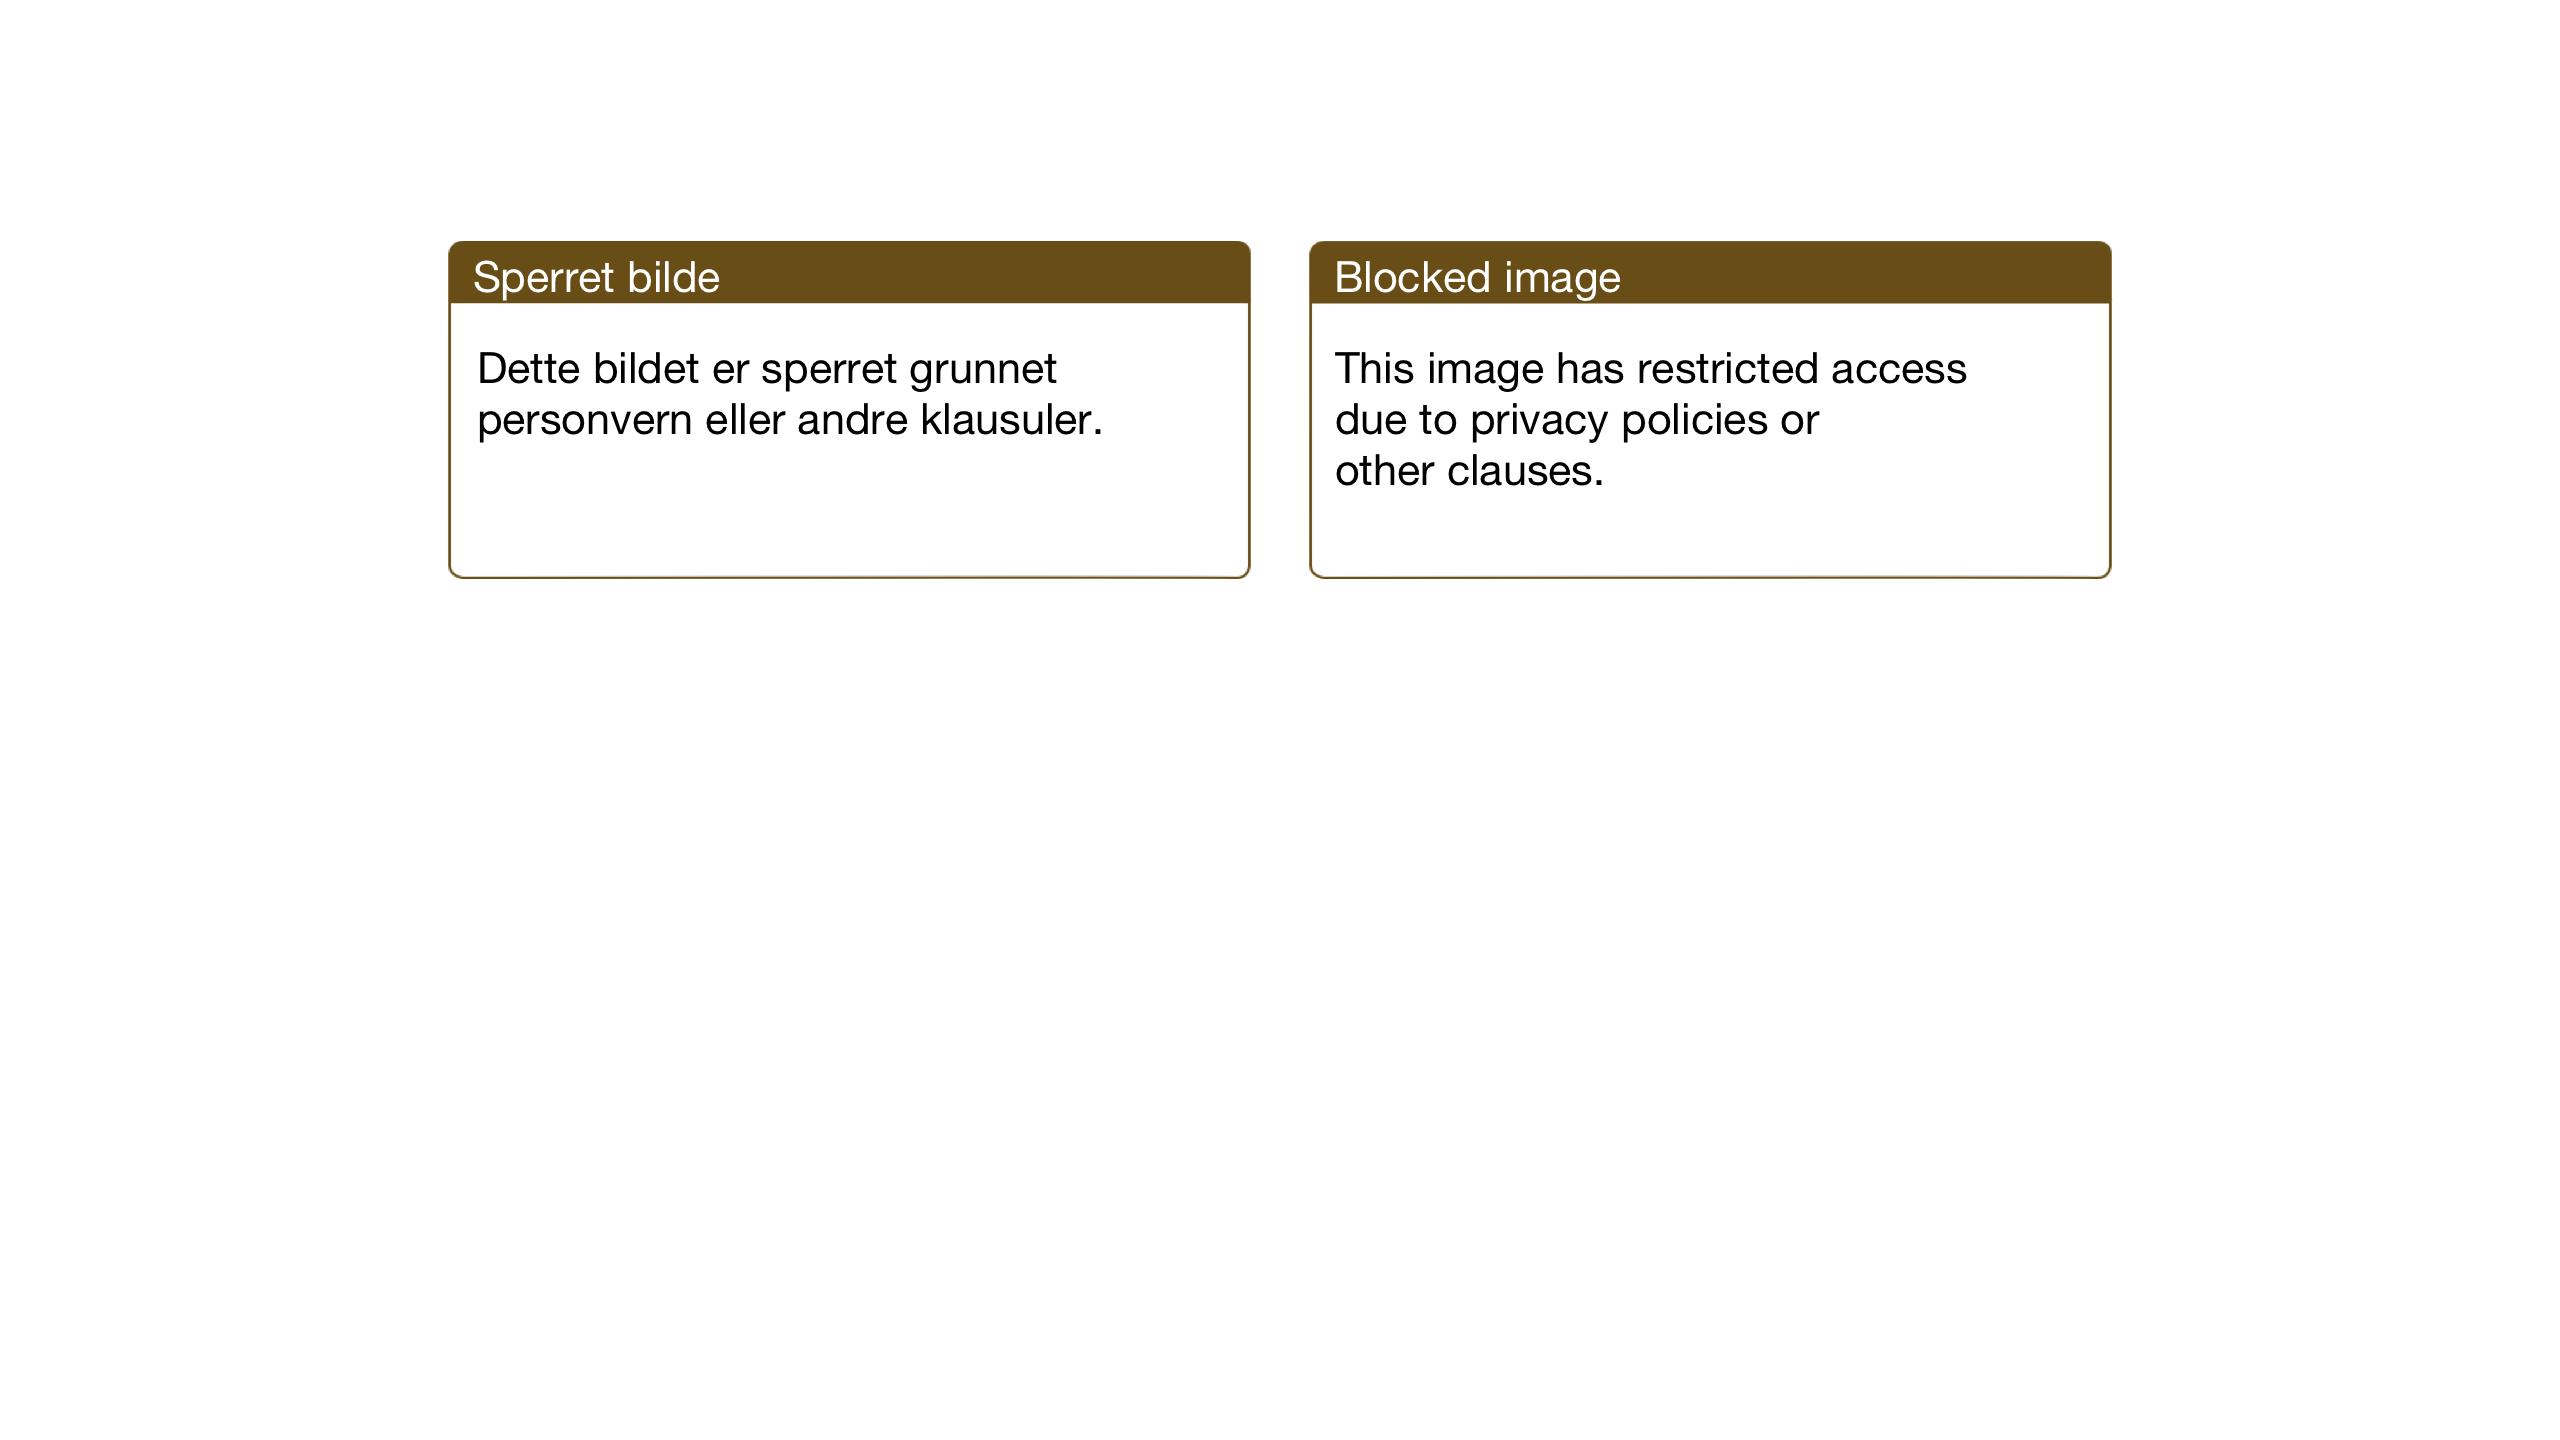 SAT, Ministerialprotokoller, klokkerbøker og fødselsregistre - Sør-Trøndelag, 657/L0718: Klokkerbok nr. 657C05, 1923-1948, s. 187